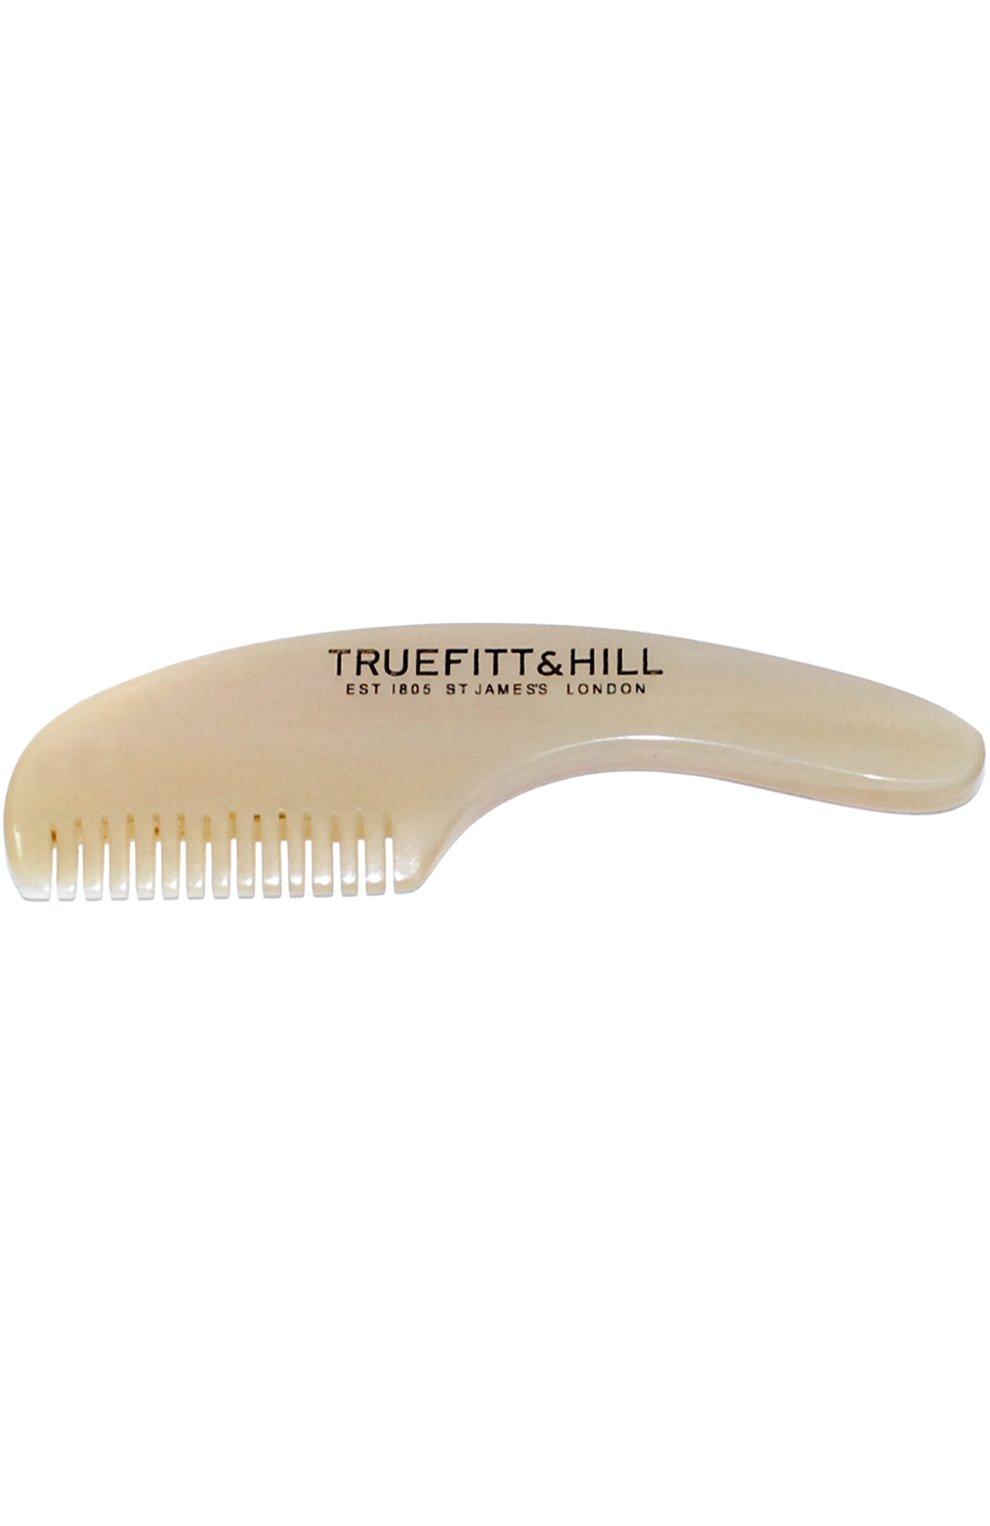 Мужская мужская расческа для усов и бороды TRUEFITT&HILL бесцветного цвета, арт. 00622   Фото 1 (Статус проверки: Проверена категория)